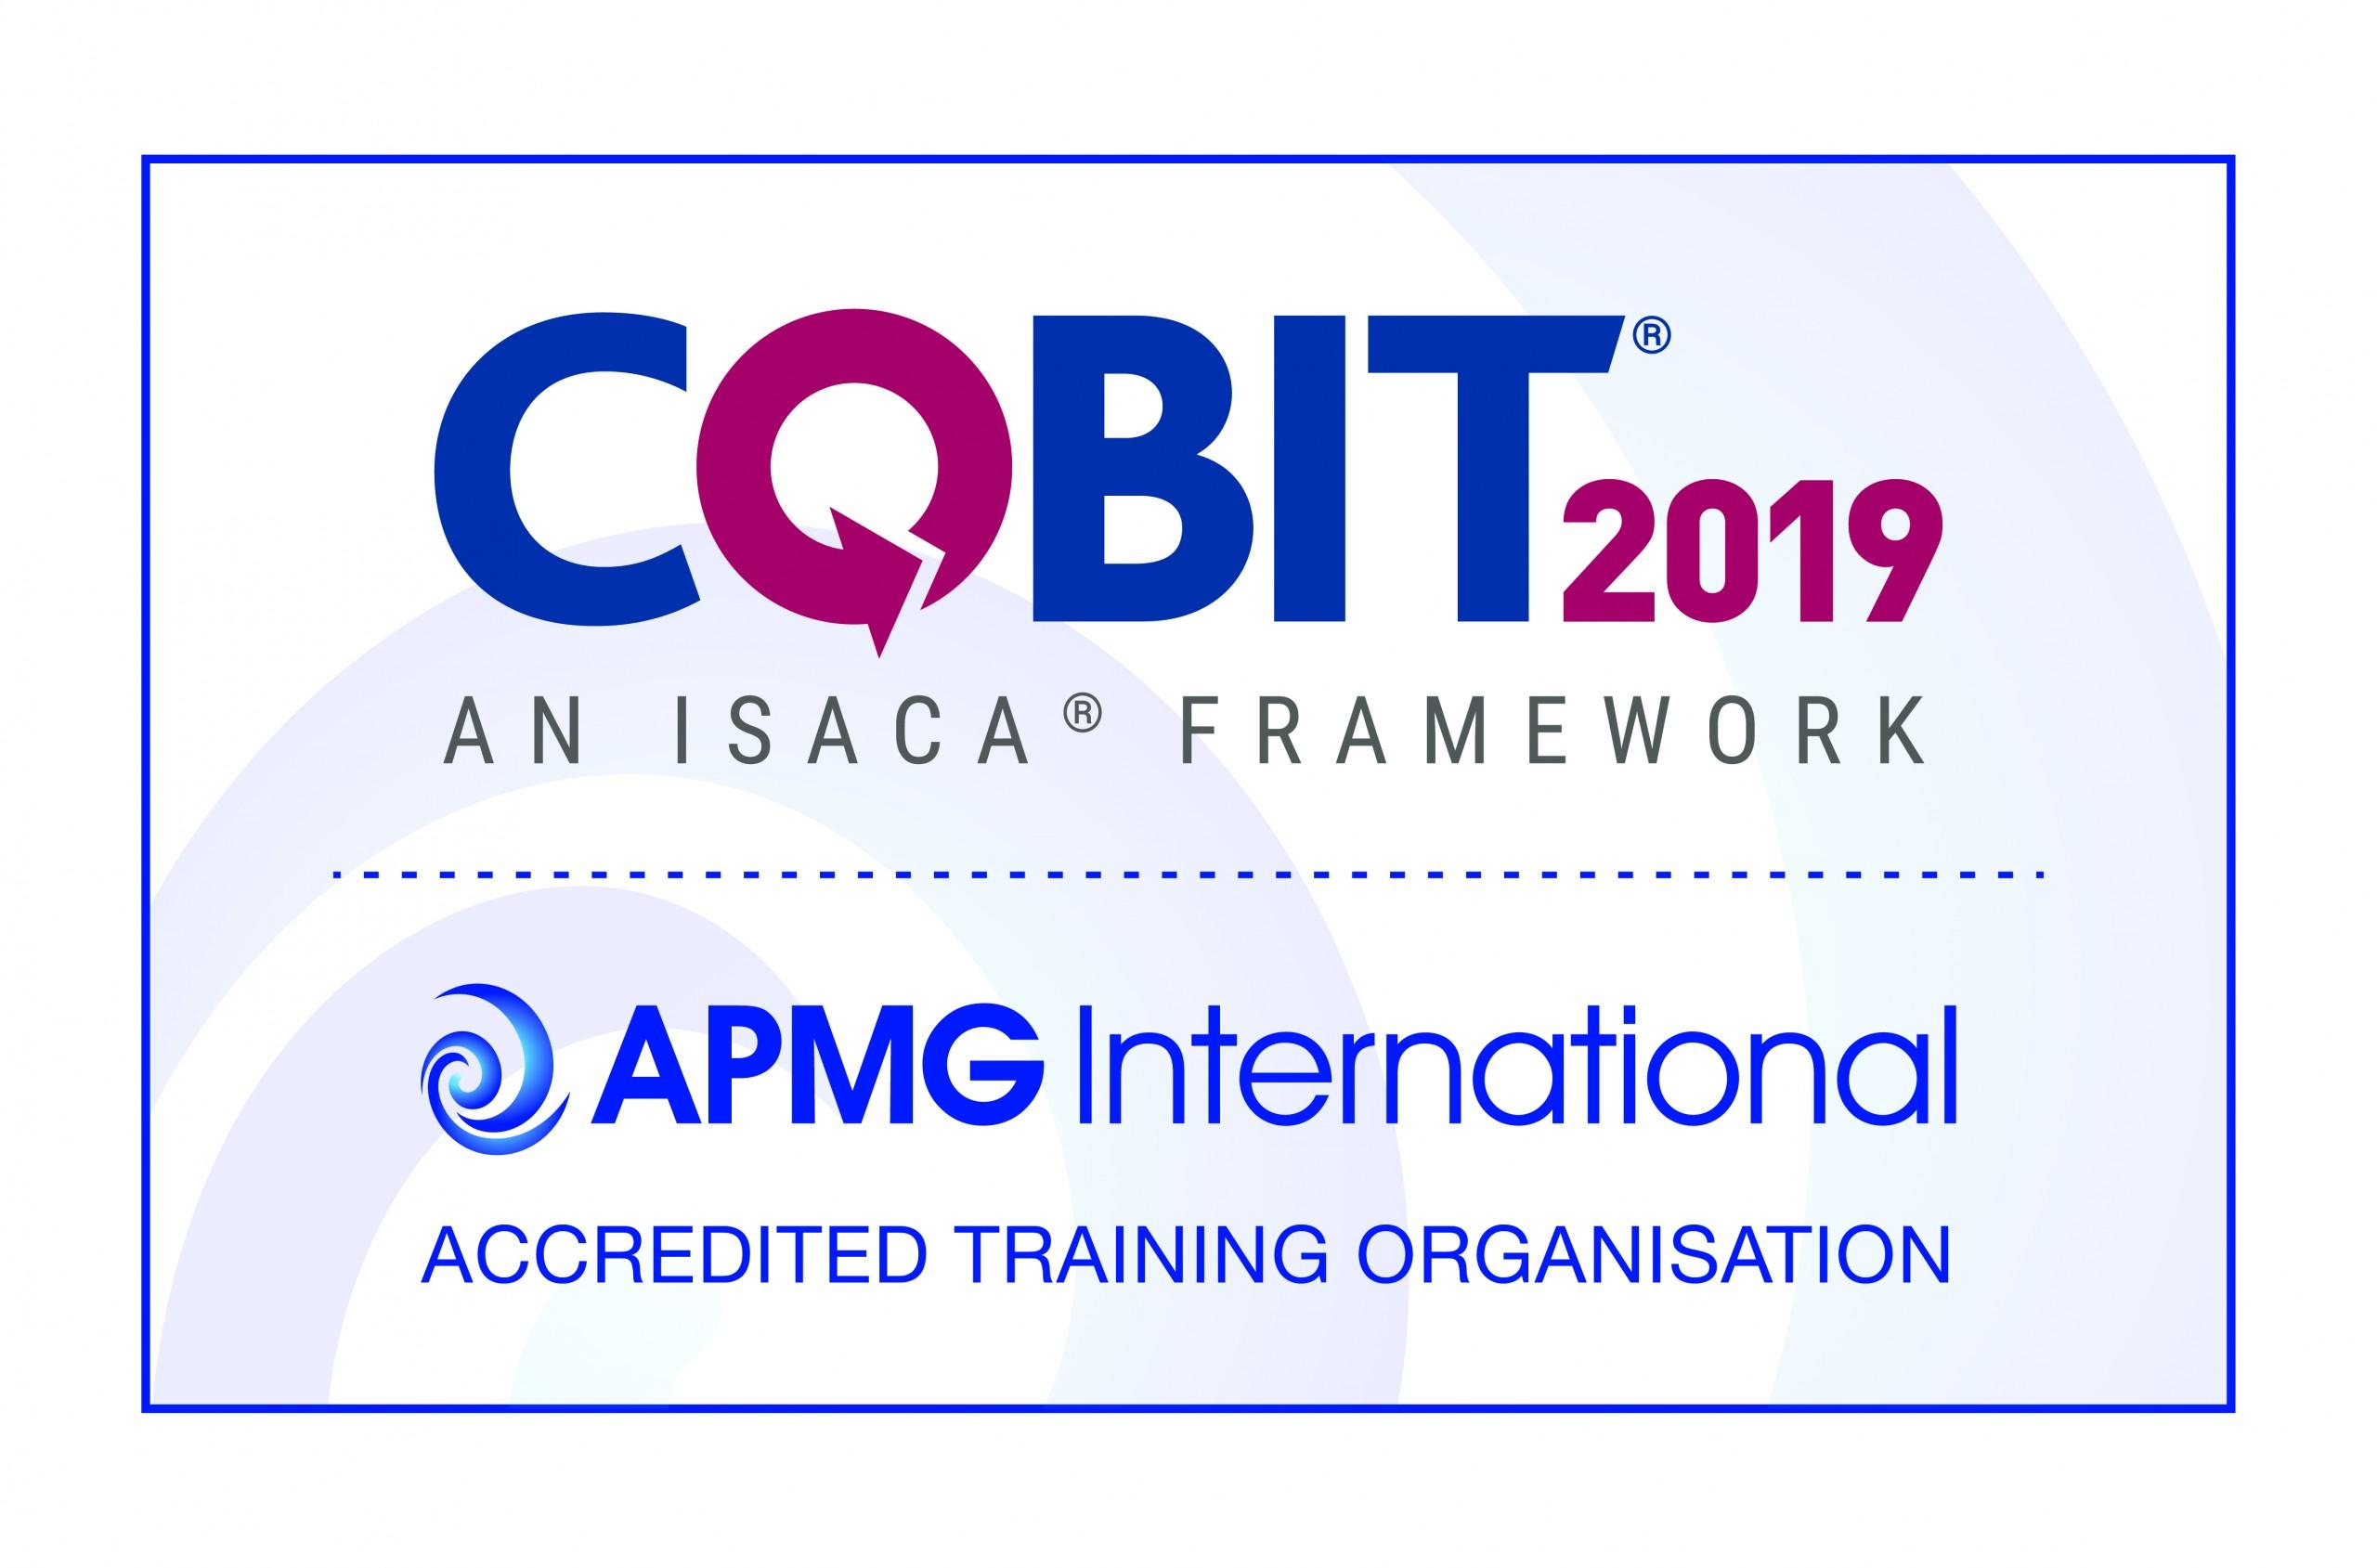 Certification COBIT